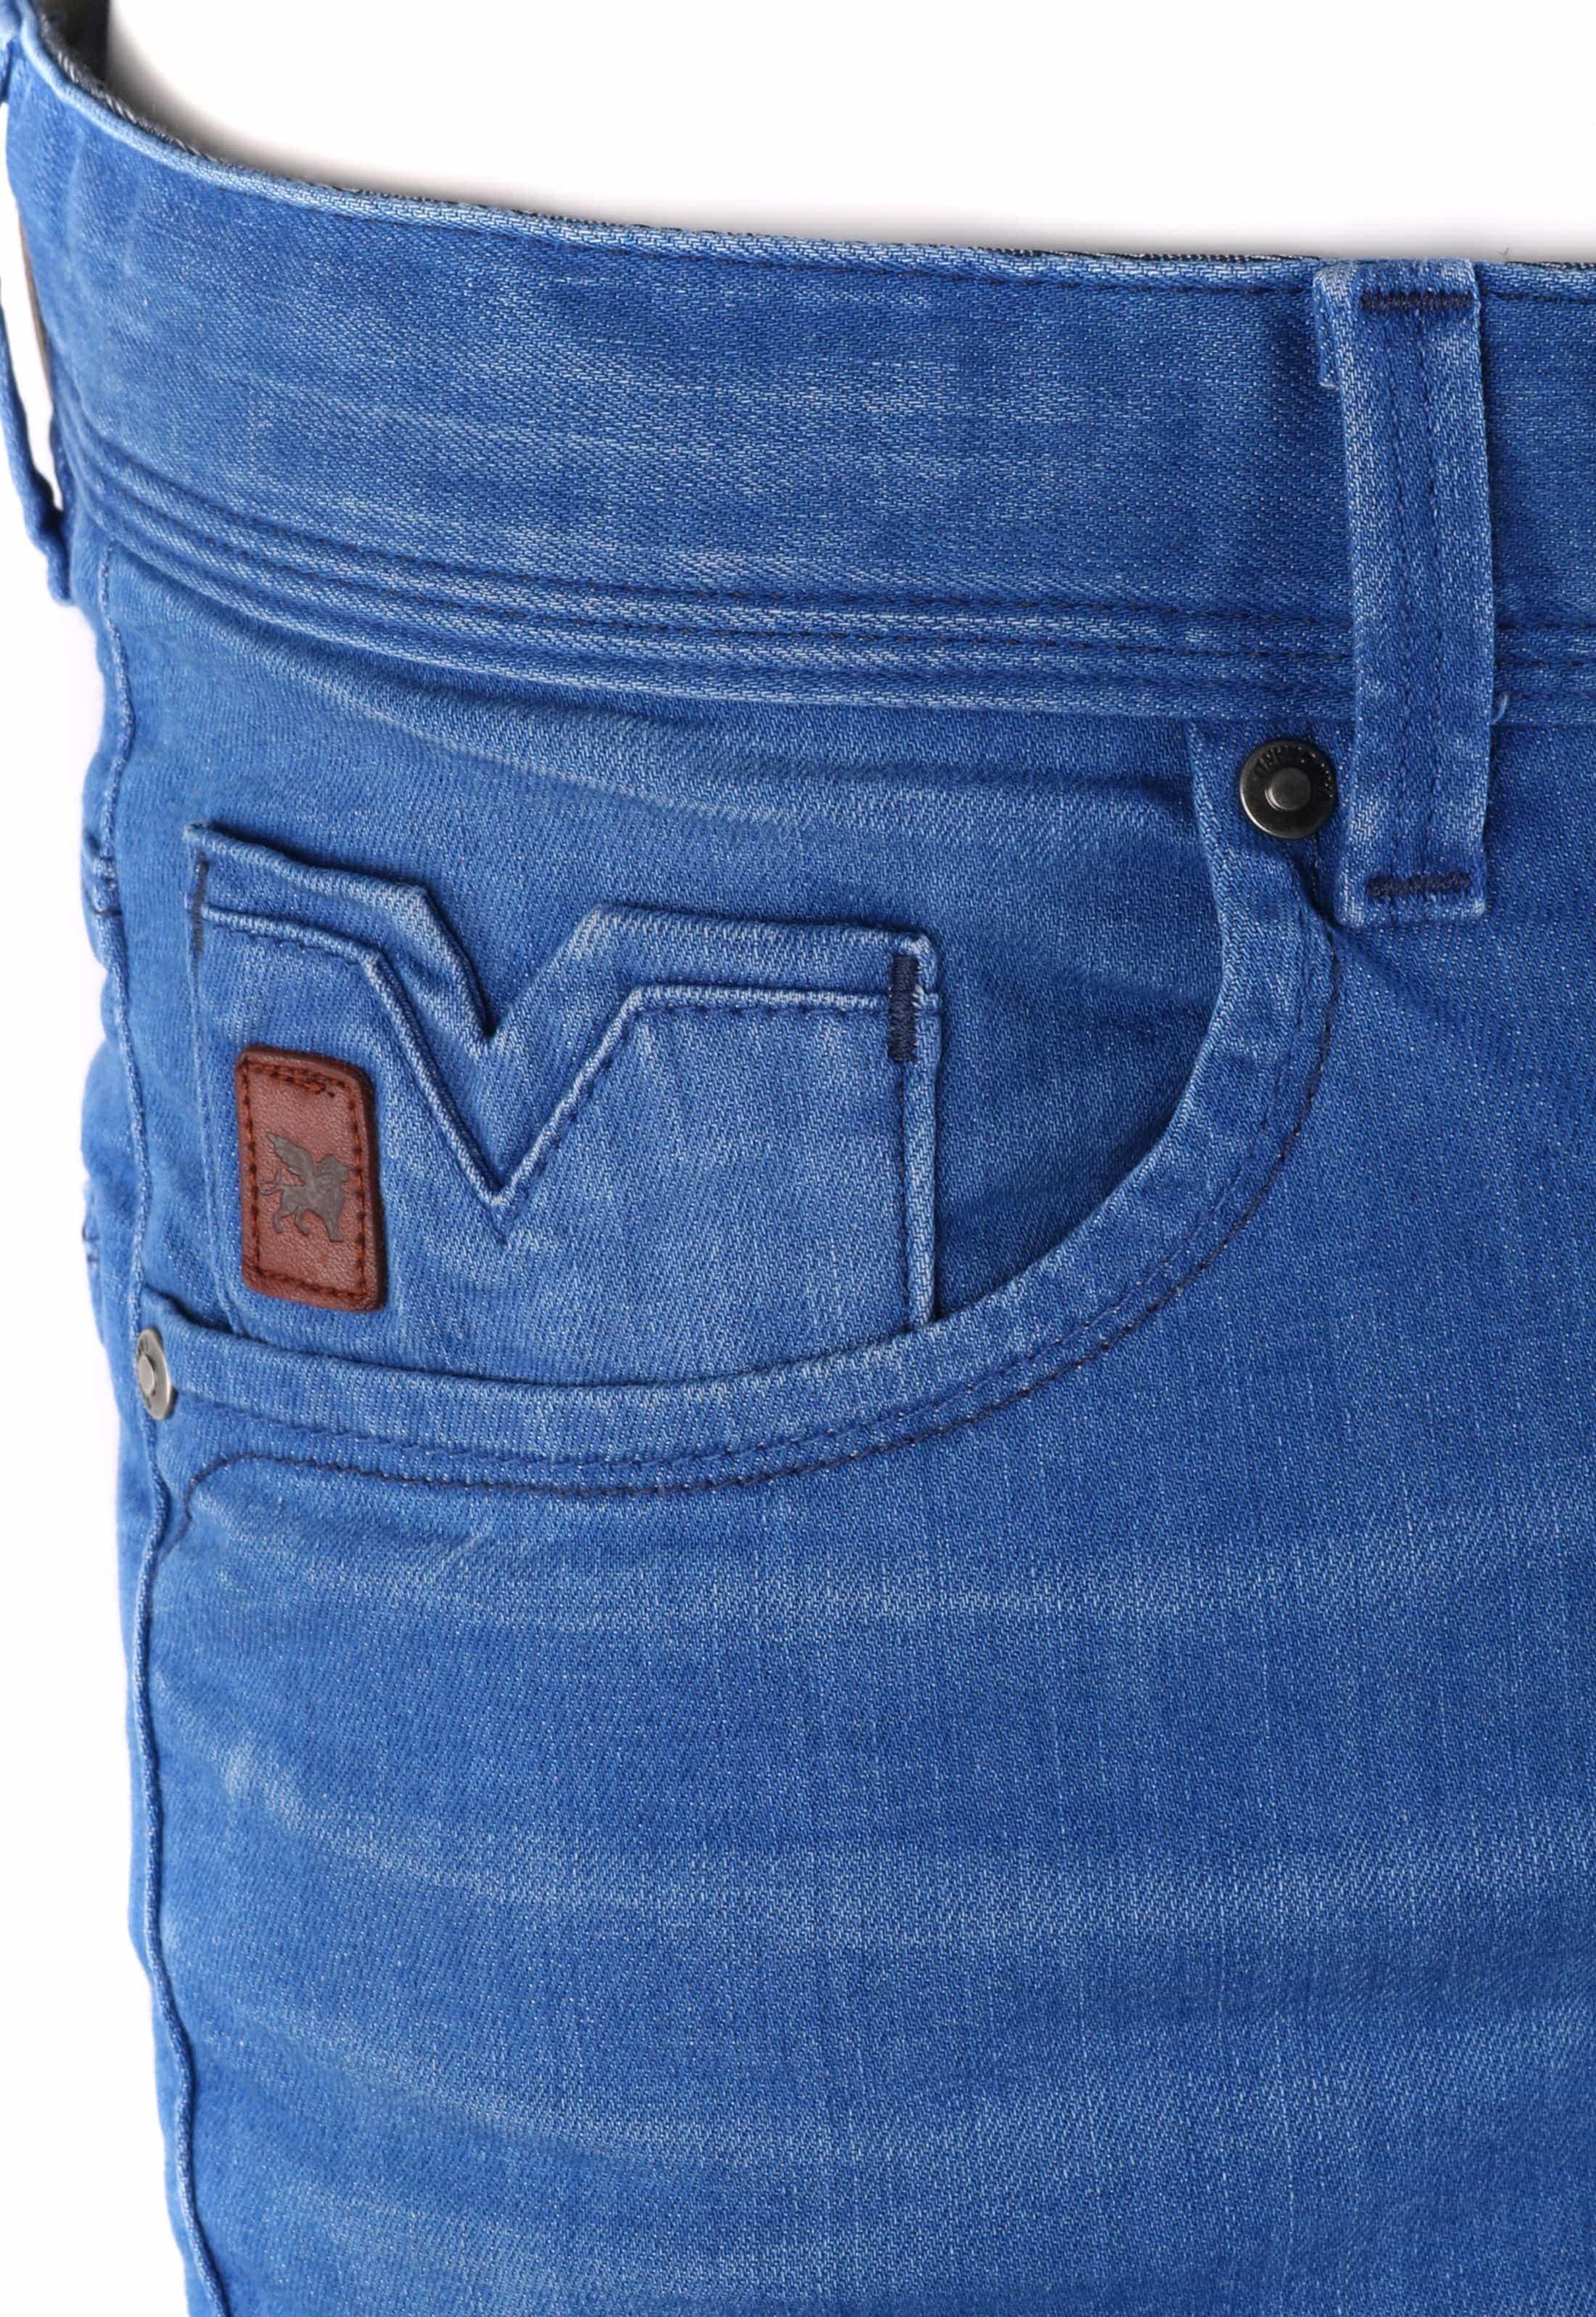 Vanguard V7 Rider Jeans Blau Foto 4